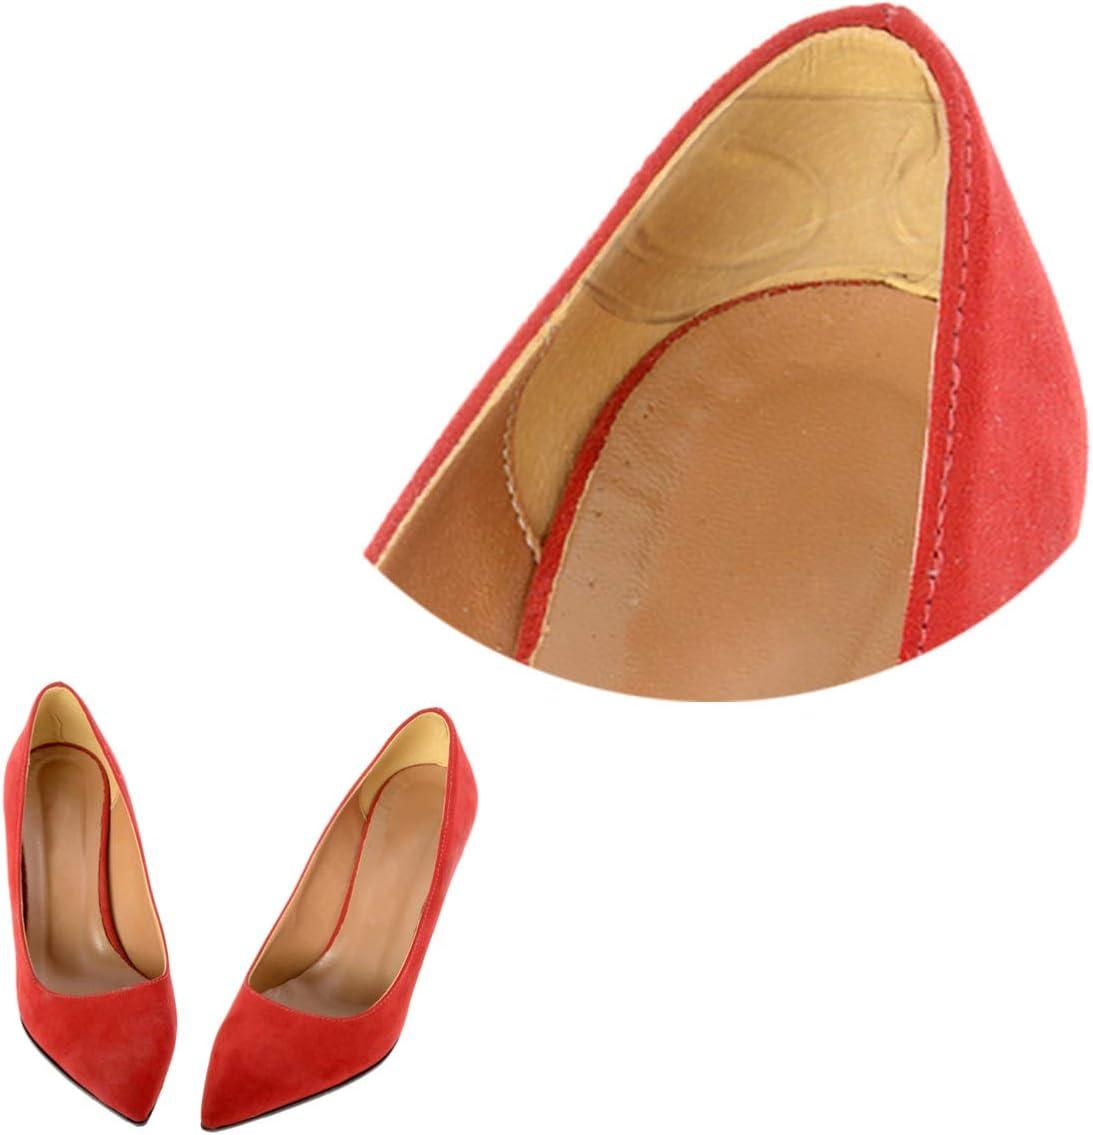 Healifty 3 Paires de Coussins de Talon Coussinets R/éutilisables pour Chaussures Souples Et Protecteur de Soins Des Pieds Auto-Adh/ésif Poign/ées Doublures Chaussures L/âches Talon Soulagement